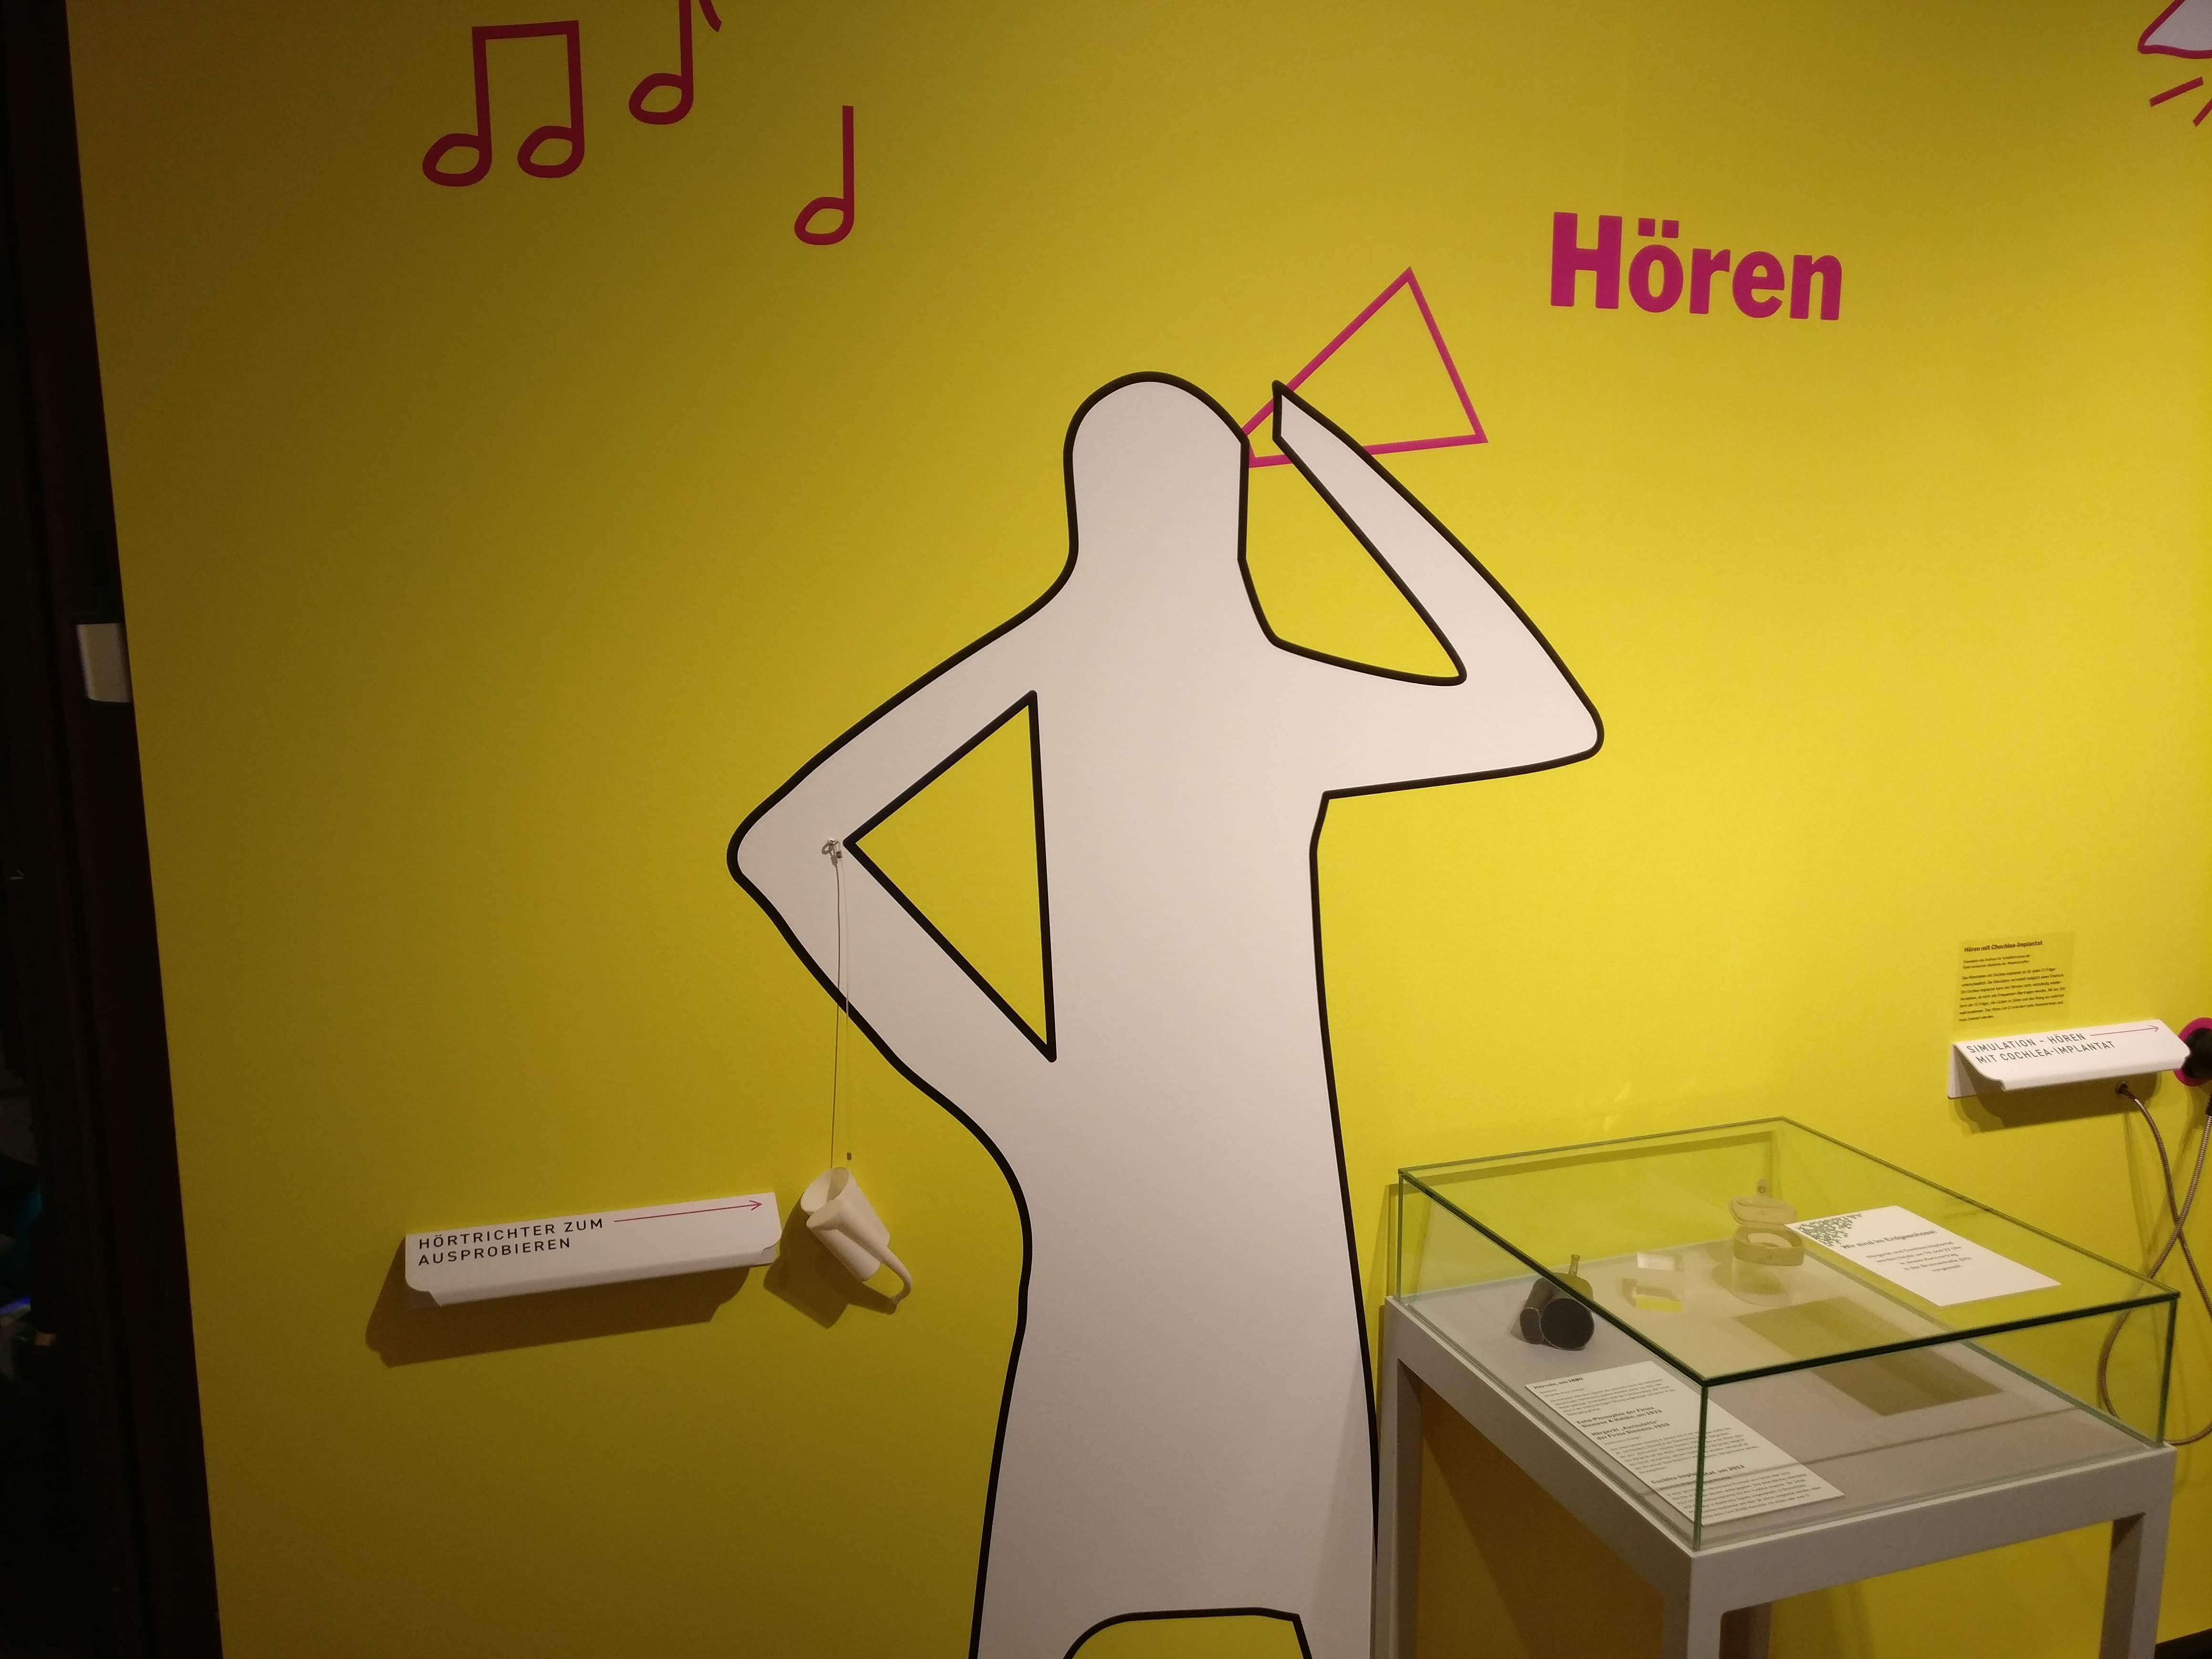 Bild aus dem Eralnger Stadmusuem von einem 3D gedruckten Hörrohr